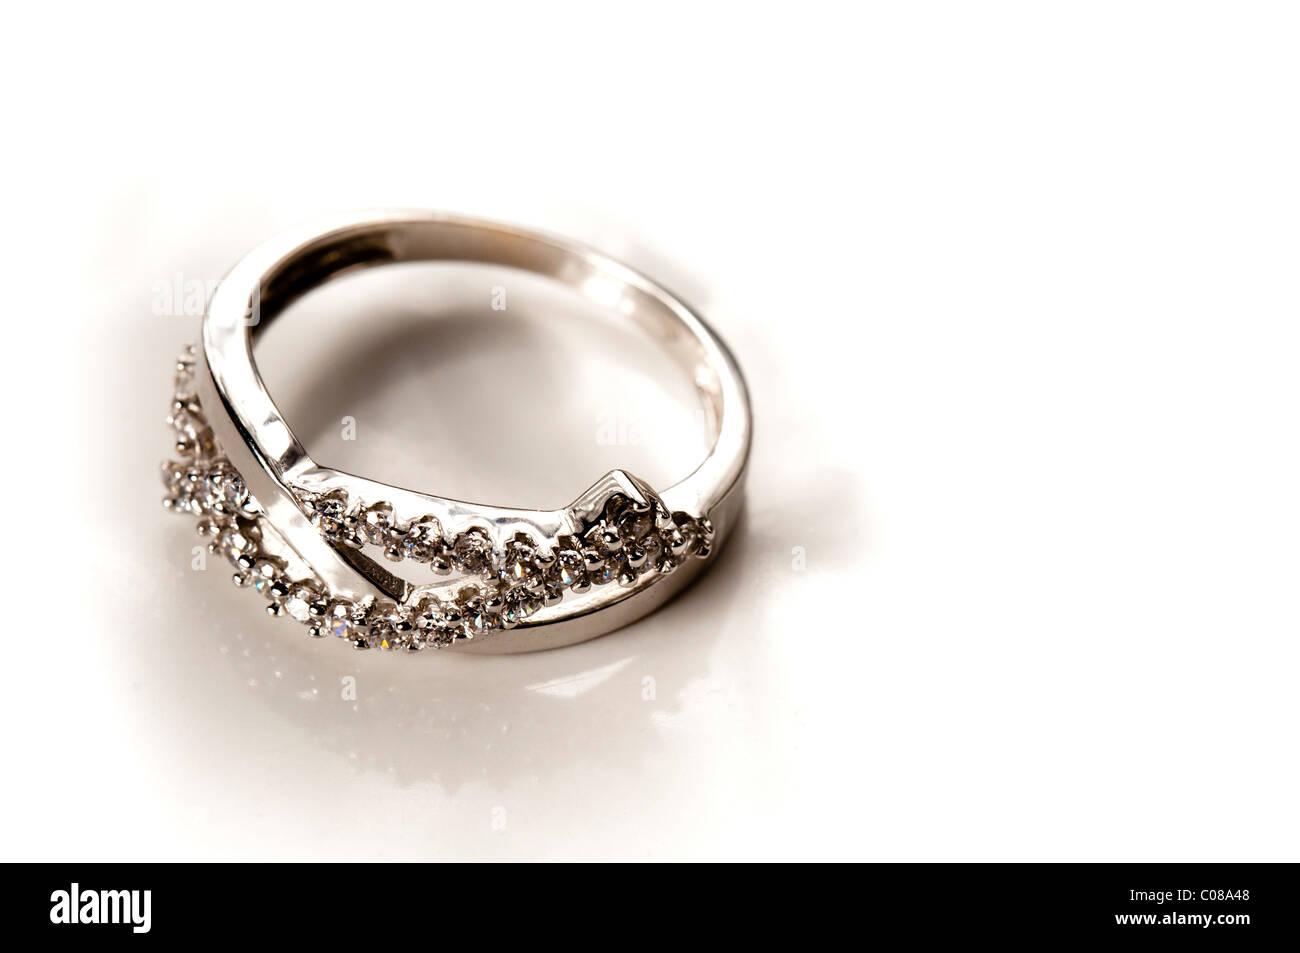 En Blanc Plusieurs Or Banque Bague De D Diamants Fiançailles Avec hQrBxdtCs